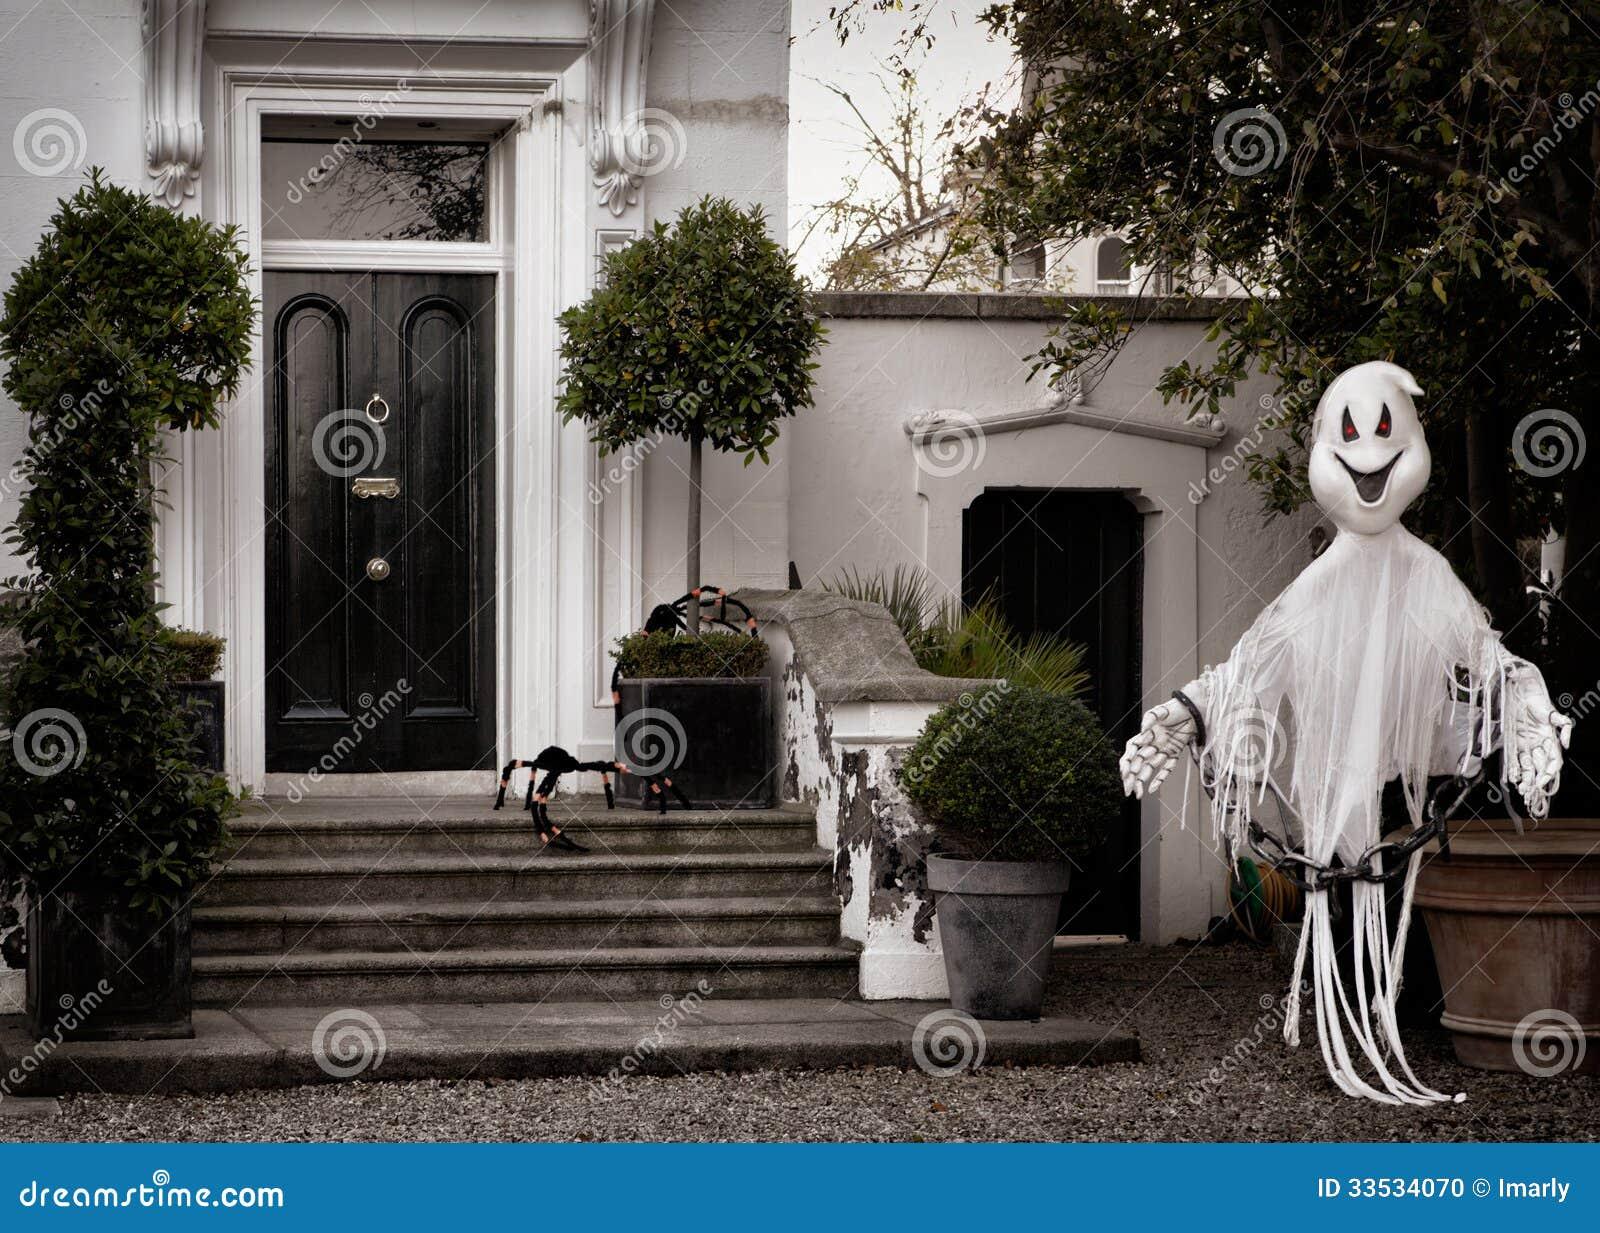 D coration avant de jardin pour halloween avec le fant me for Decoration de jardin pour halloween